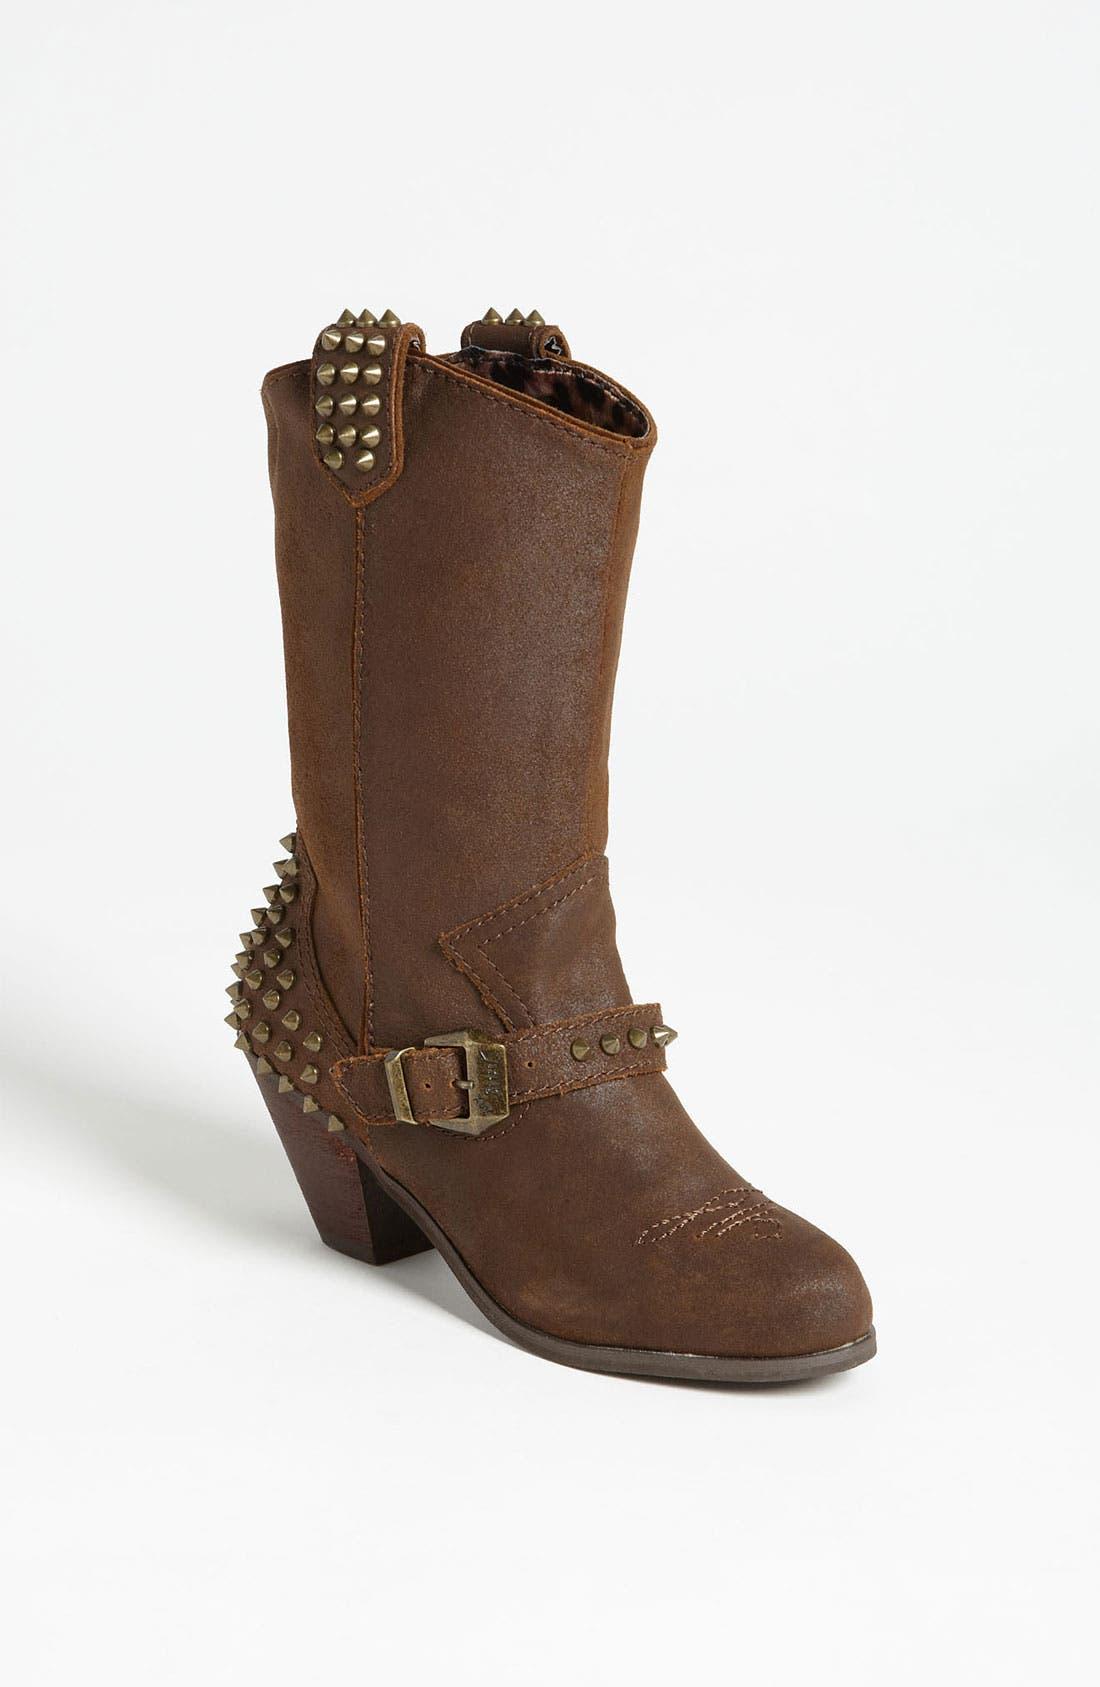 Alternate Image 1 Selected - Betsey Johnson 'Yendell' Boot